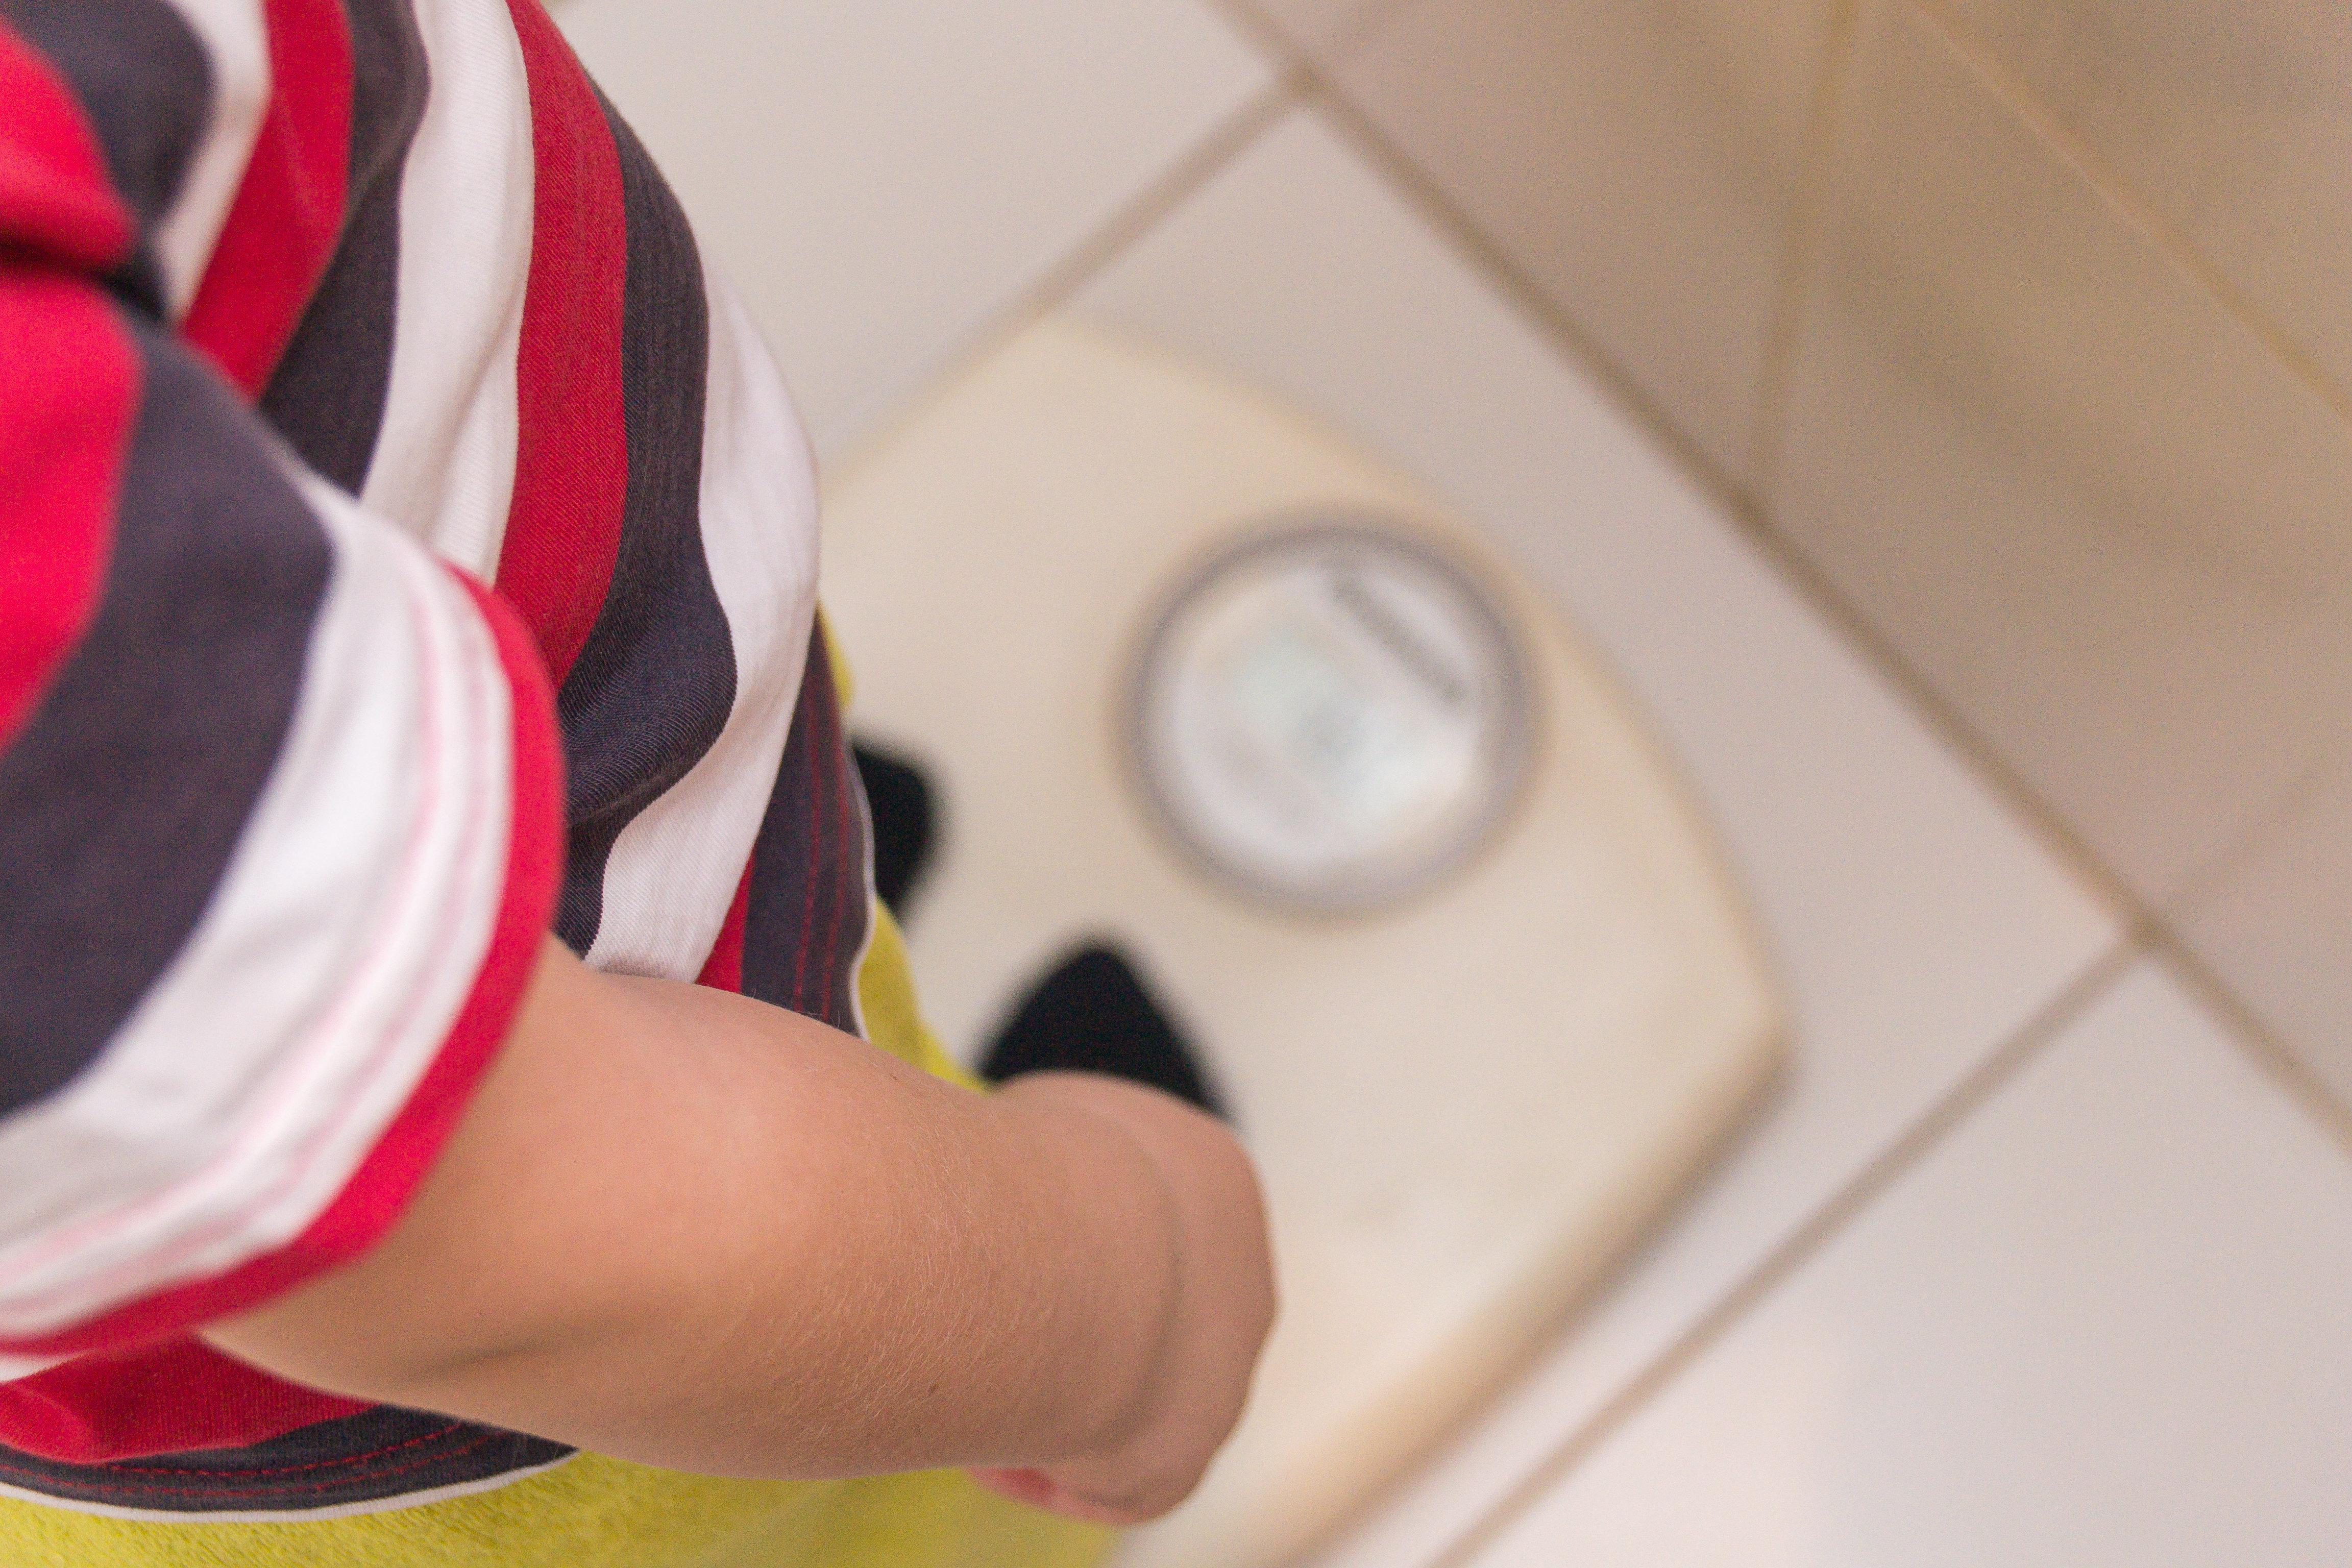 Novo estudo culpa mães por obesidade infantil e gera repercussão